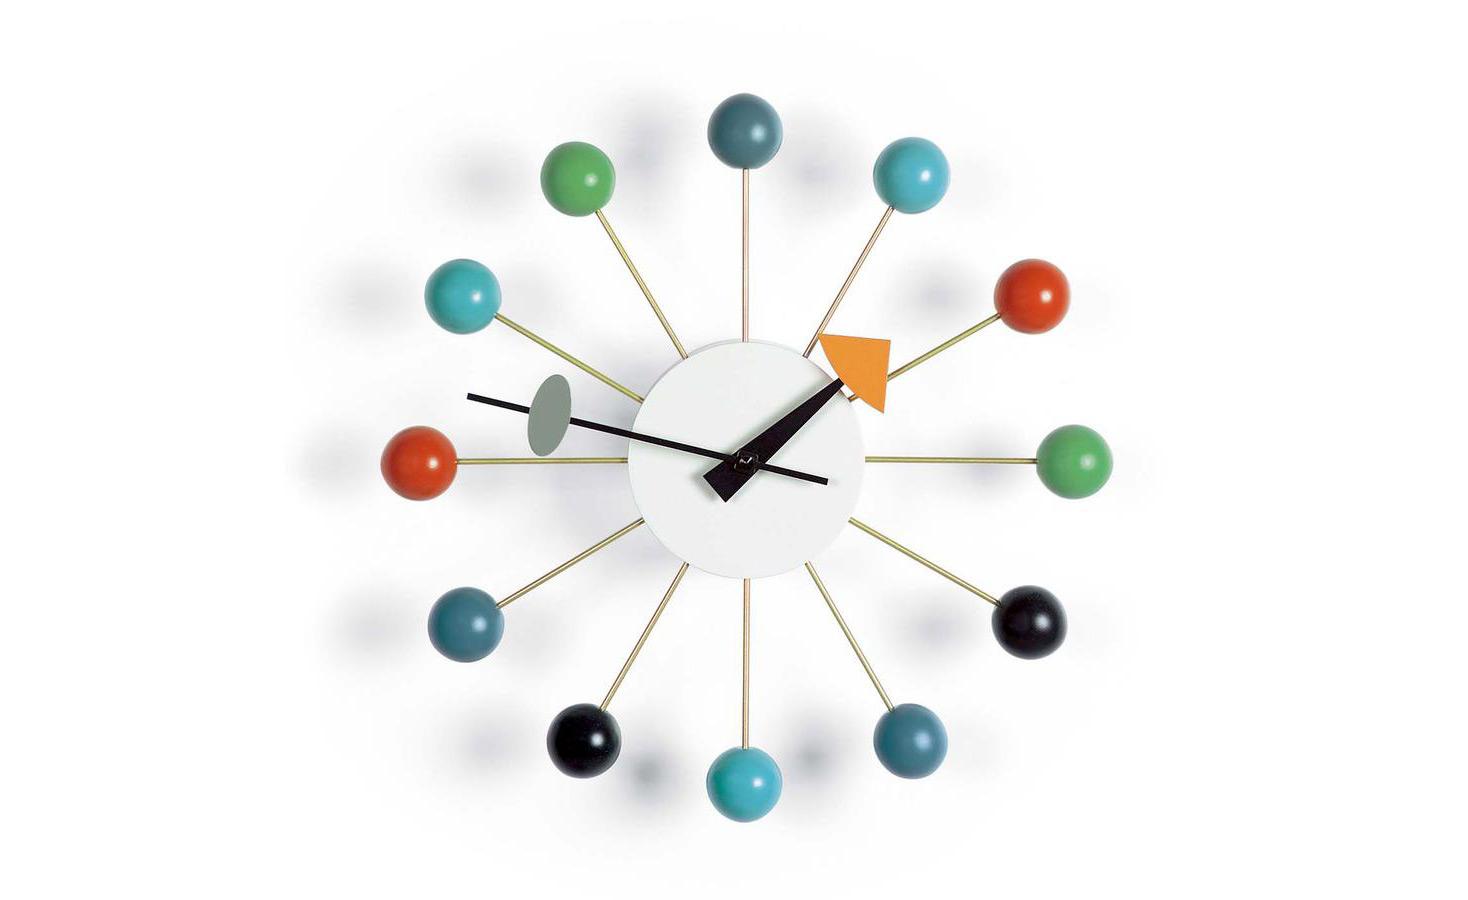 Vitra Ball Clock beim Händler Ihrer Wahl kaufen: